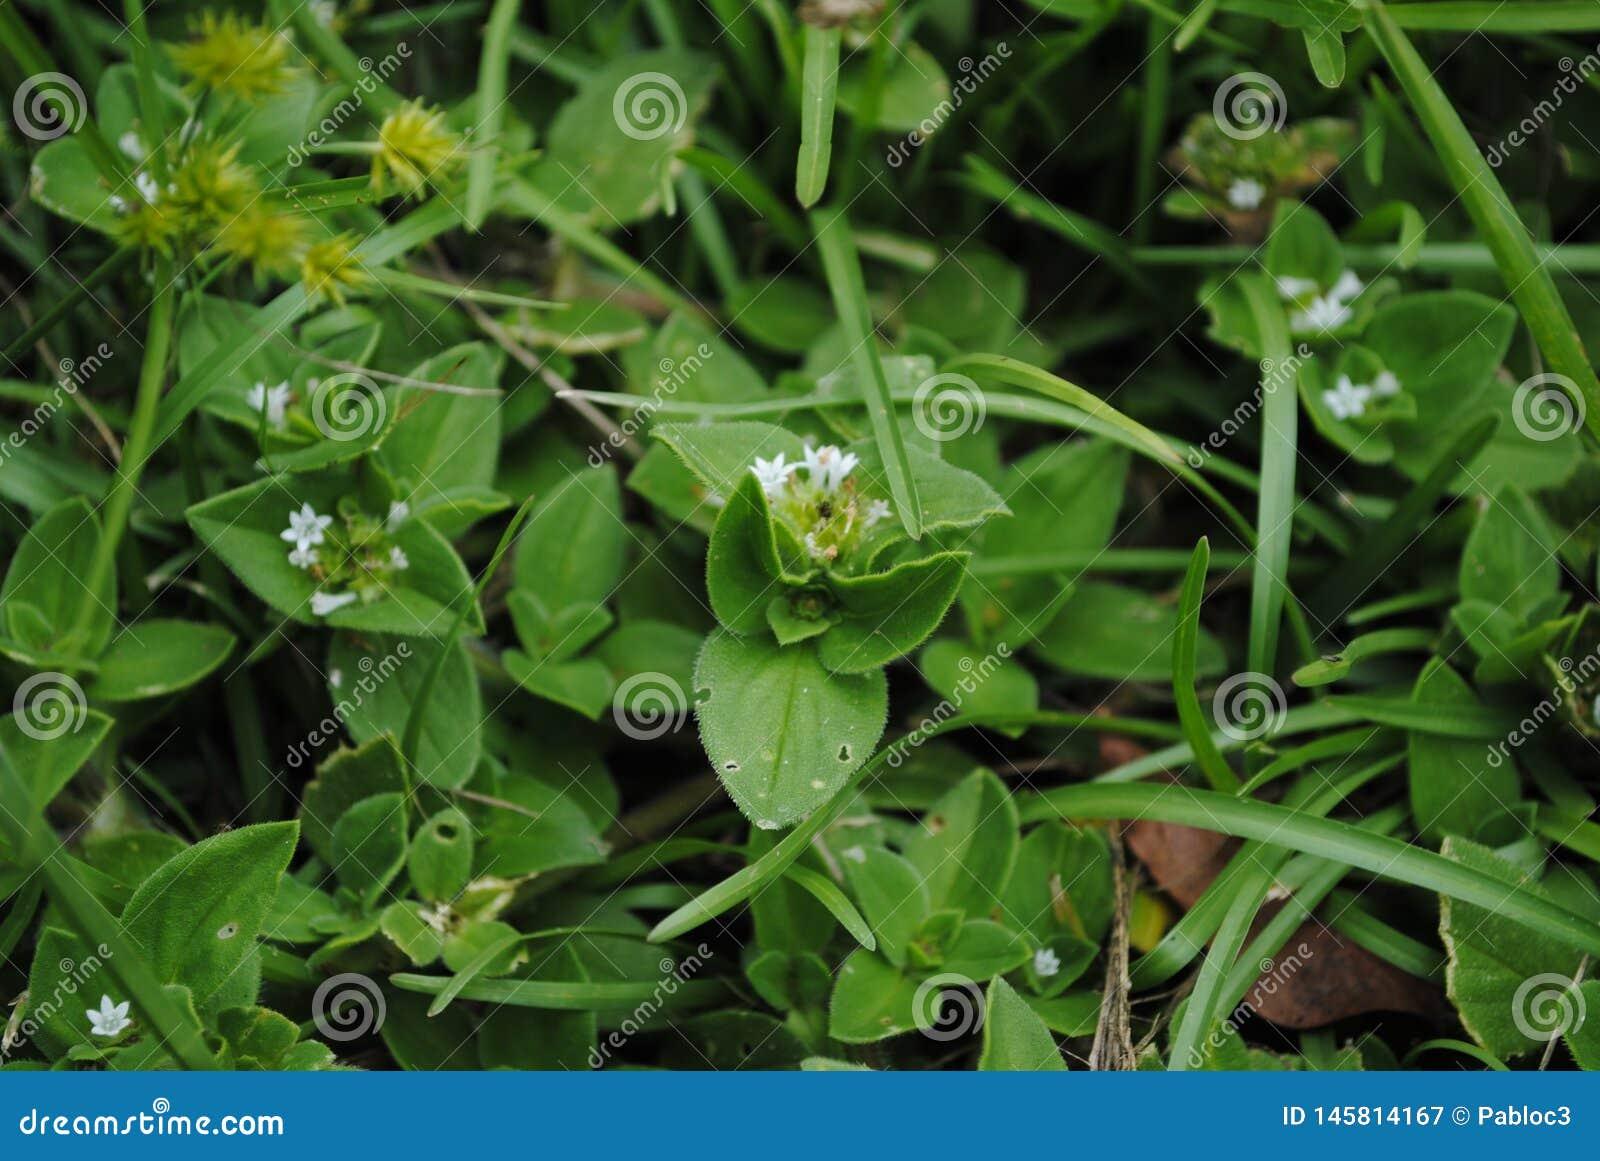 Hierba salvaje con las flores blancas